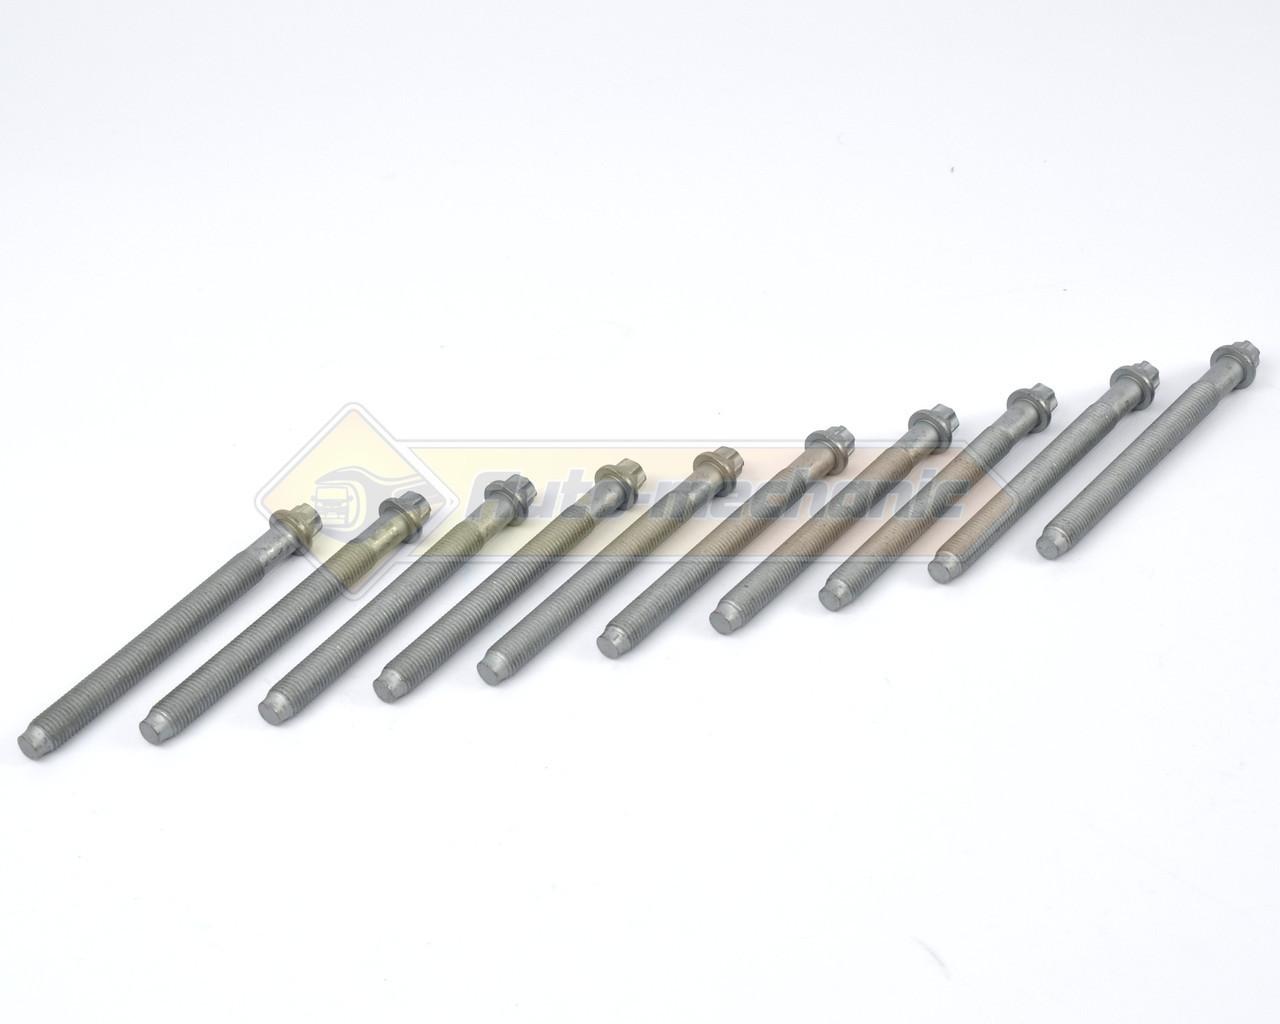 Болты головки блока цилиндров на Renault Master II 98->2010 - Victor Reinz (Германия) - 14-32161-01